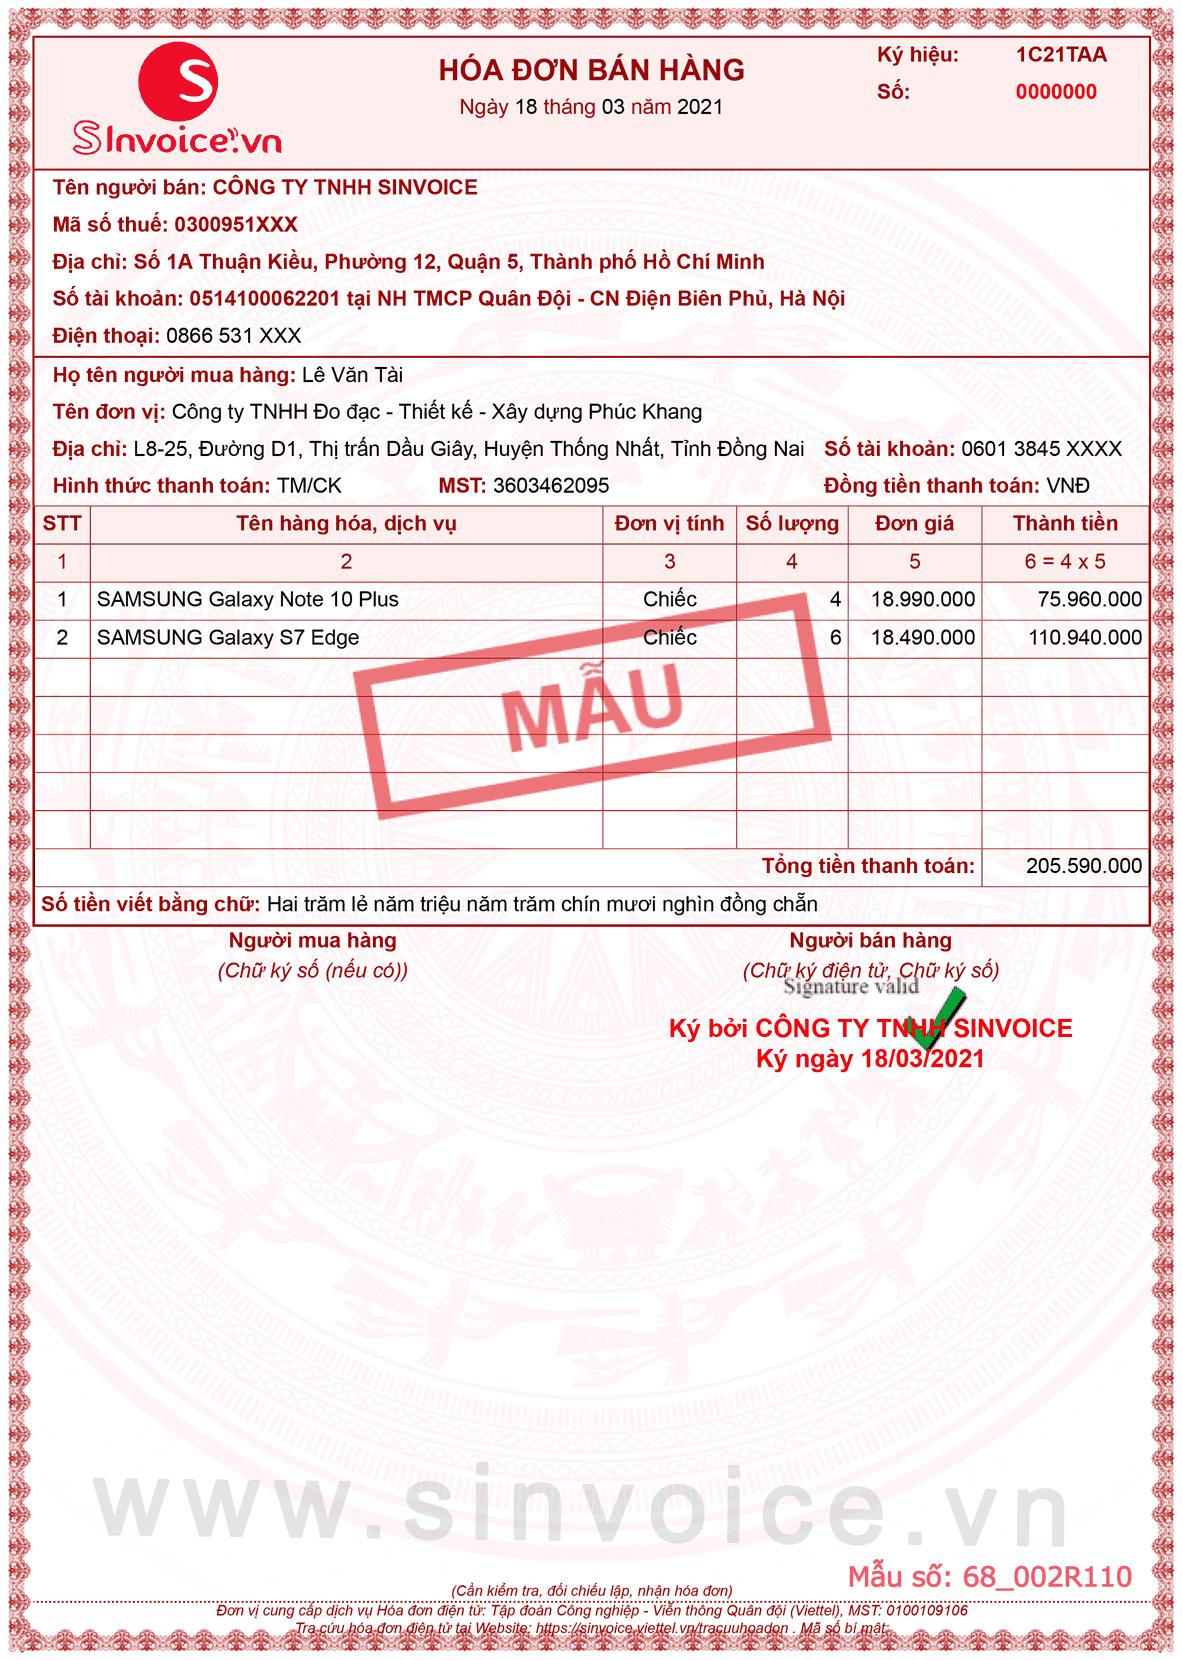 Hình 3 - Mẫu hóa đơn điện tử bán hàng